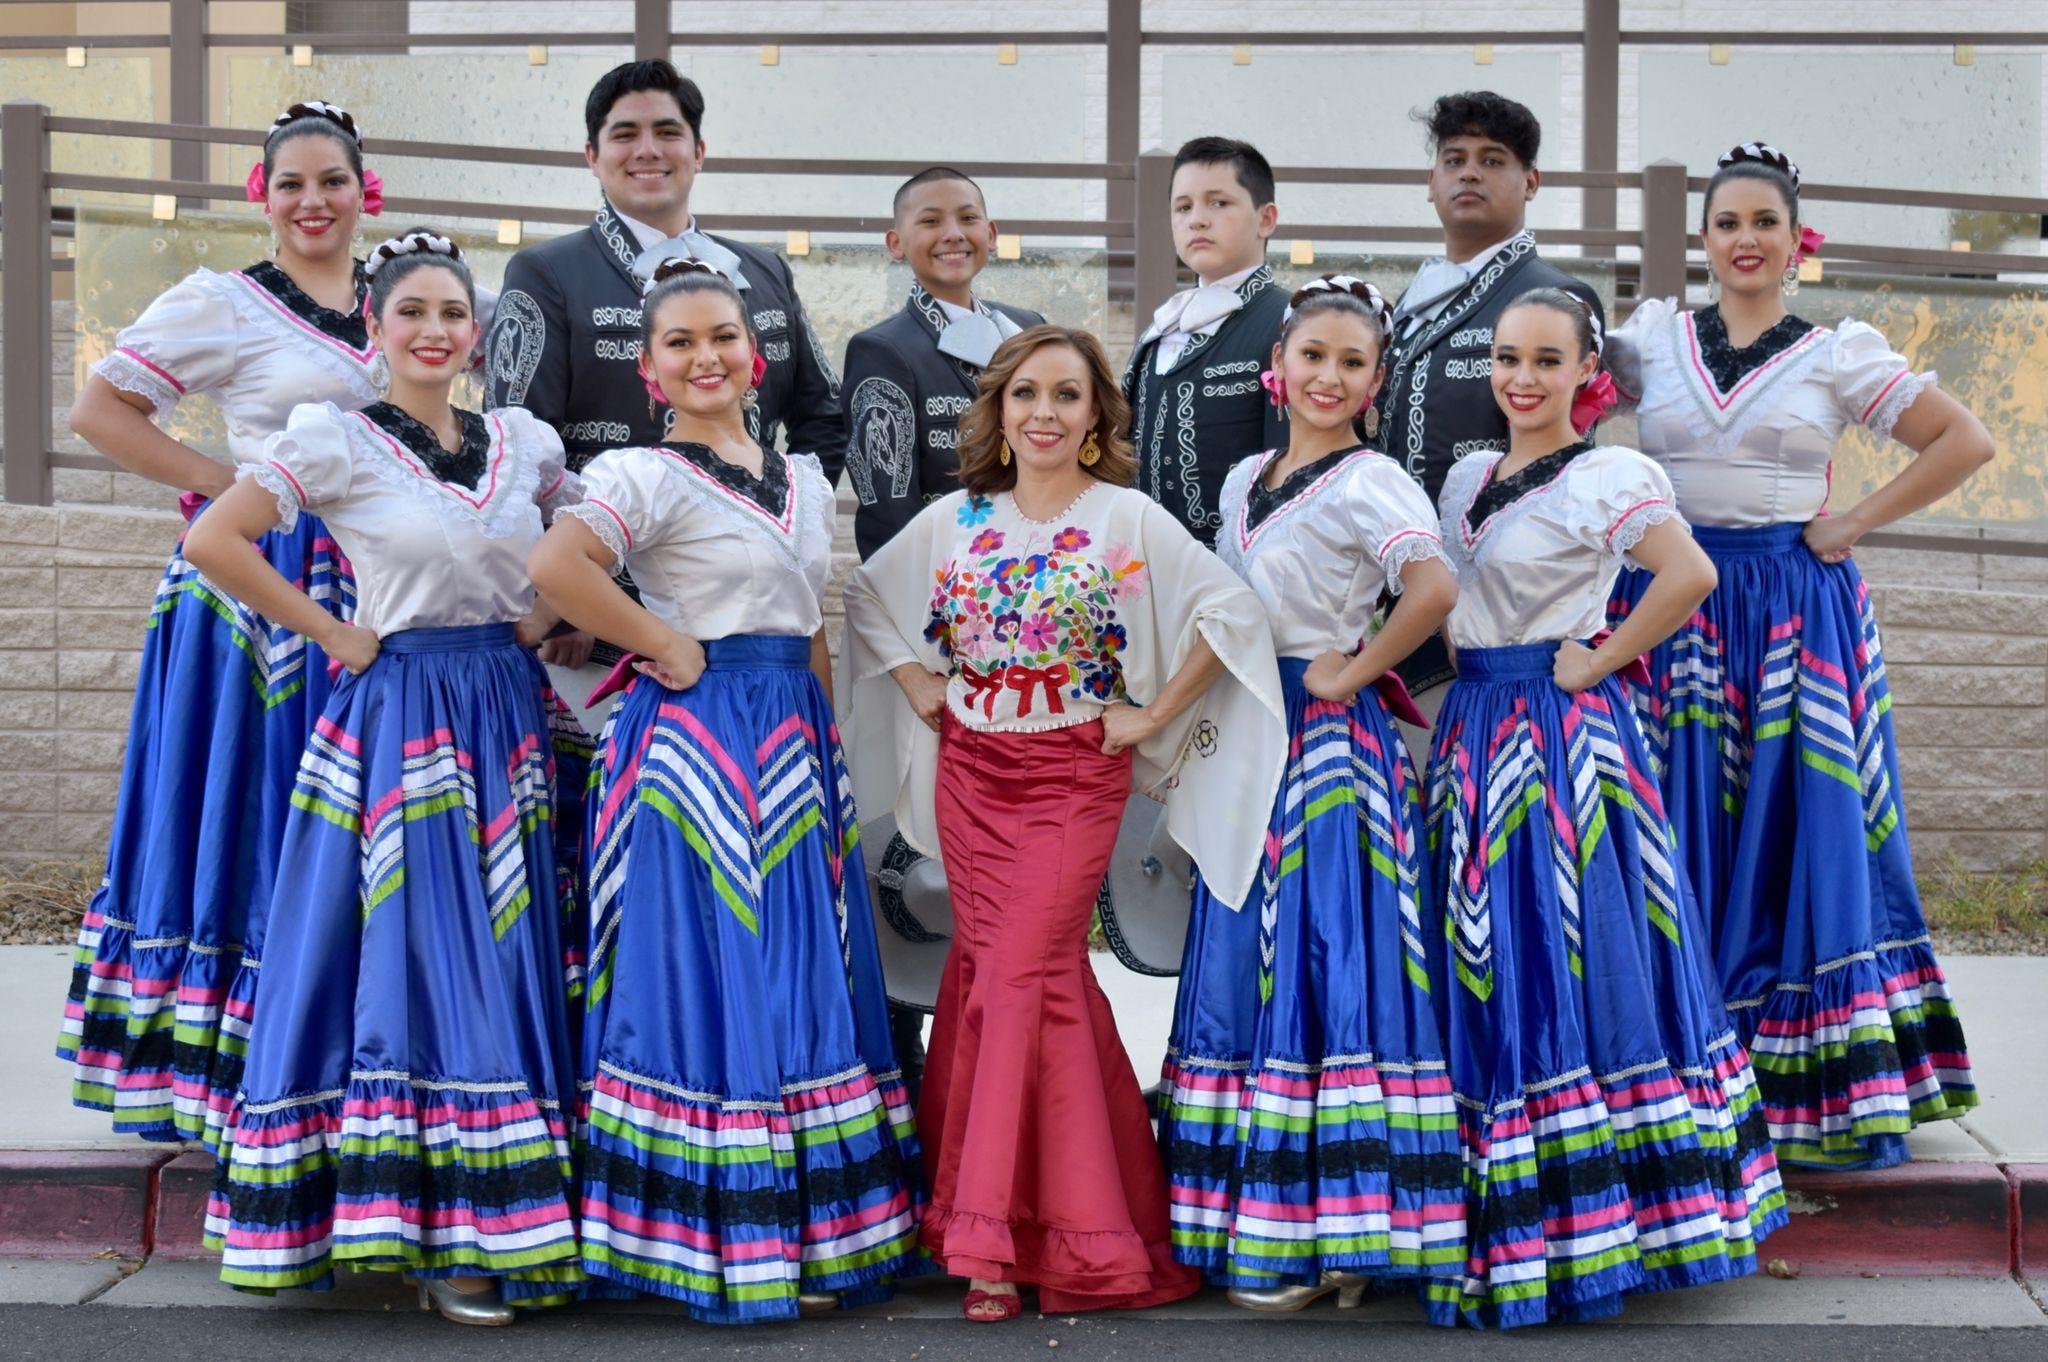 Vanessa Ramírez and her students from Ballet Folklórico Quetzalli in Chandler.